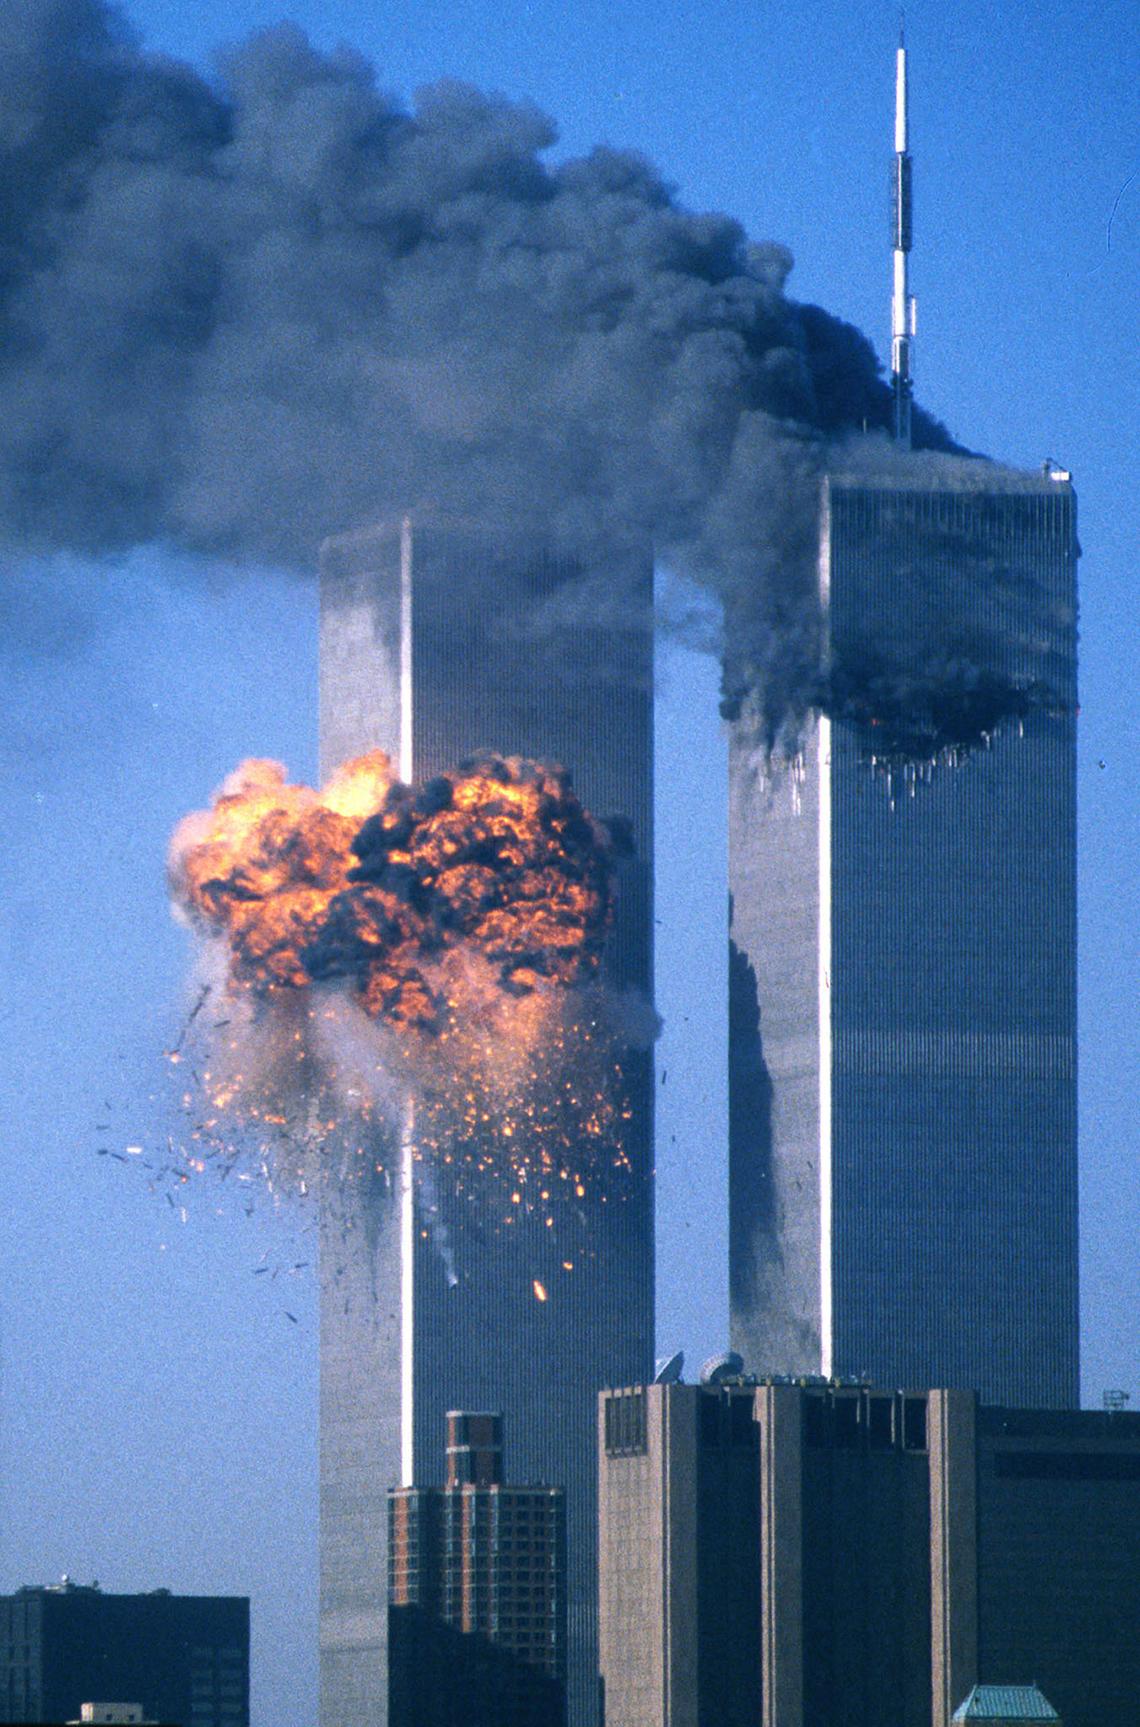 Explosión cuando el segundo avión golpeó el World Trade Center el 11 de septiembre de 2001